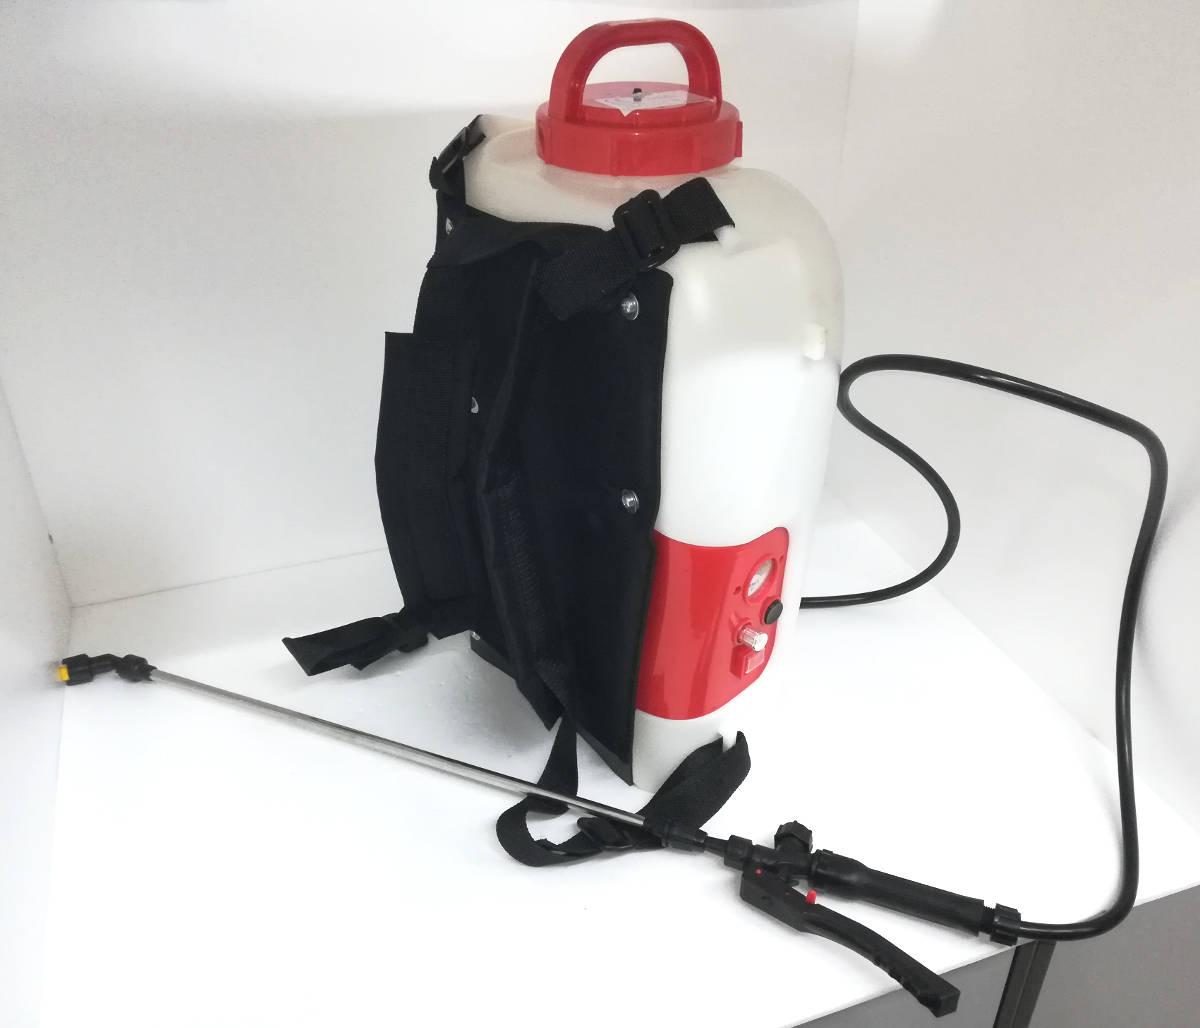 pompa-irroratrice-a-zaino-a-batteria-elettro-15-15-litri-carpi